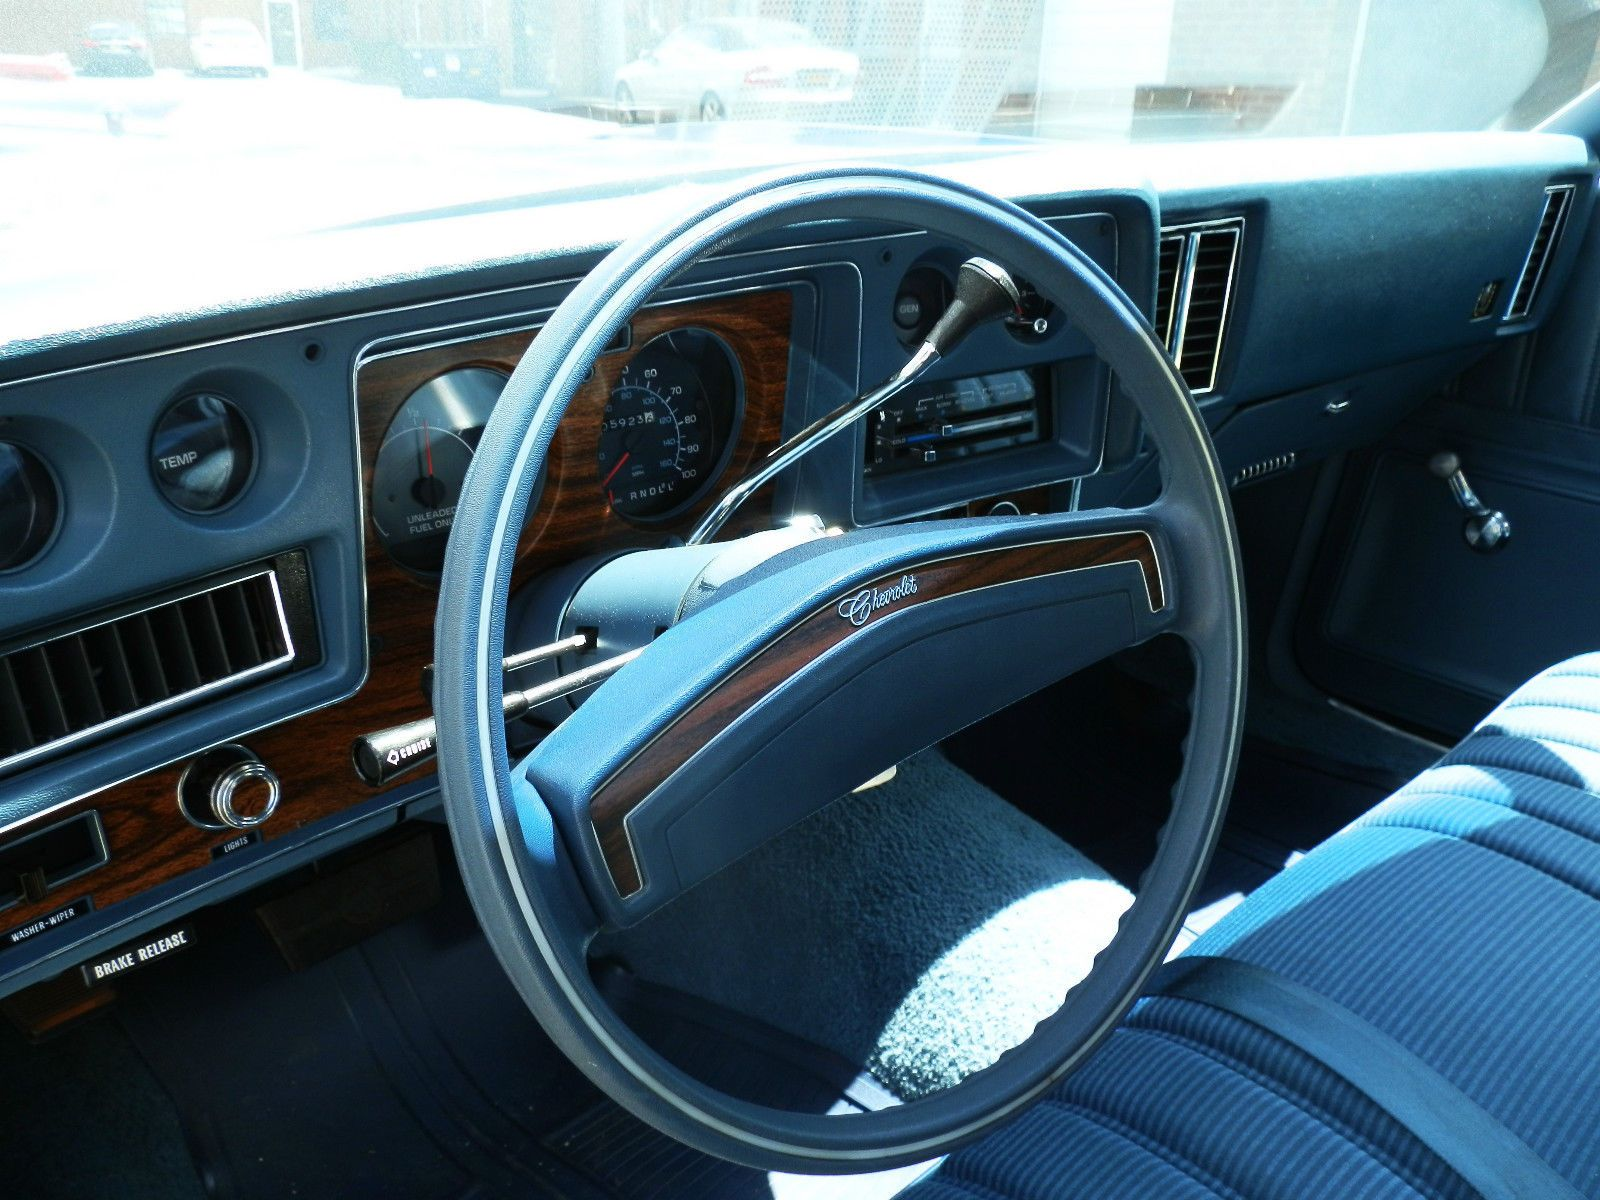 1976 Monte Carlo Interior Chevrolet Monte Carlo Classic Cars Monte Carlo